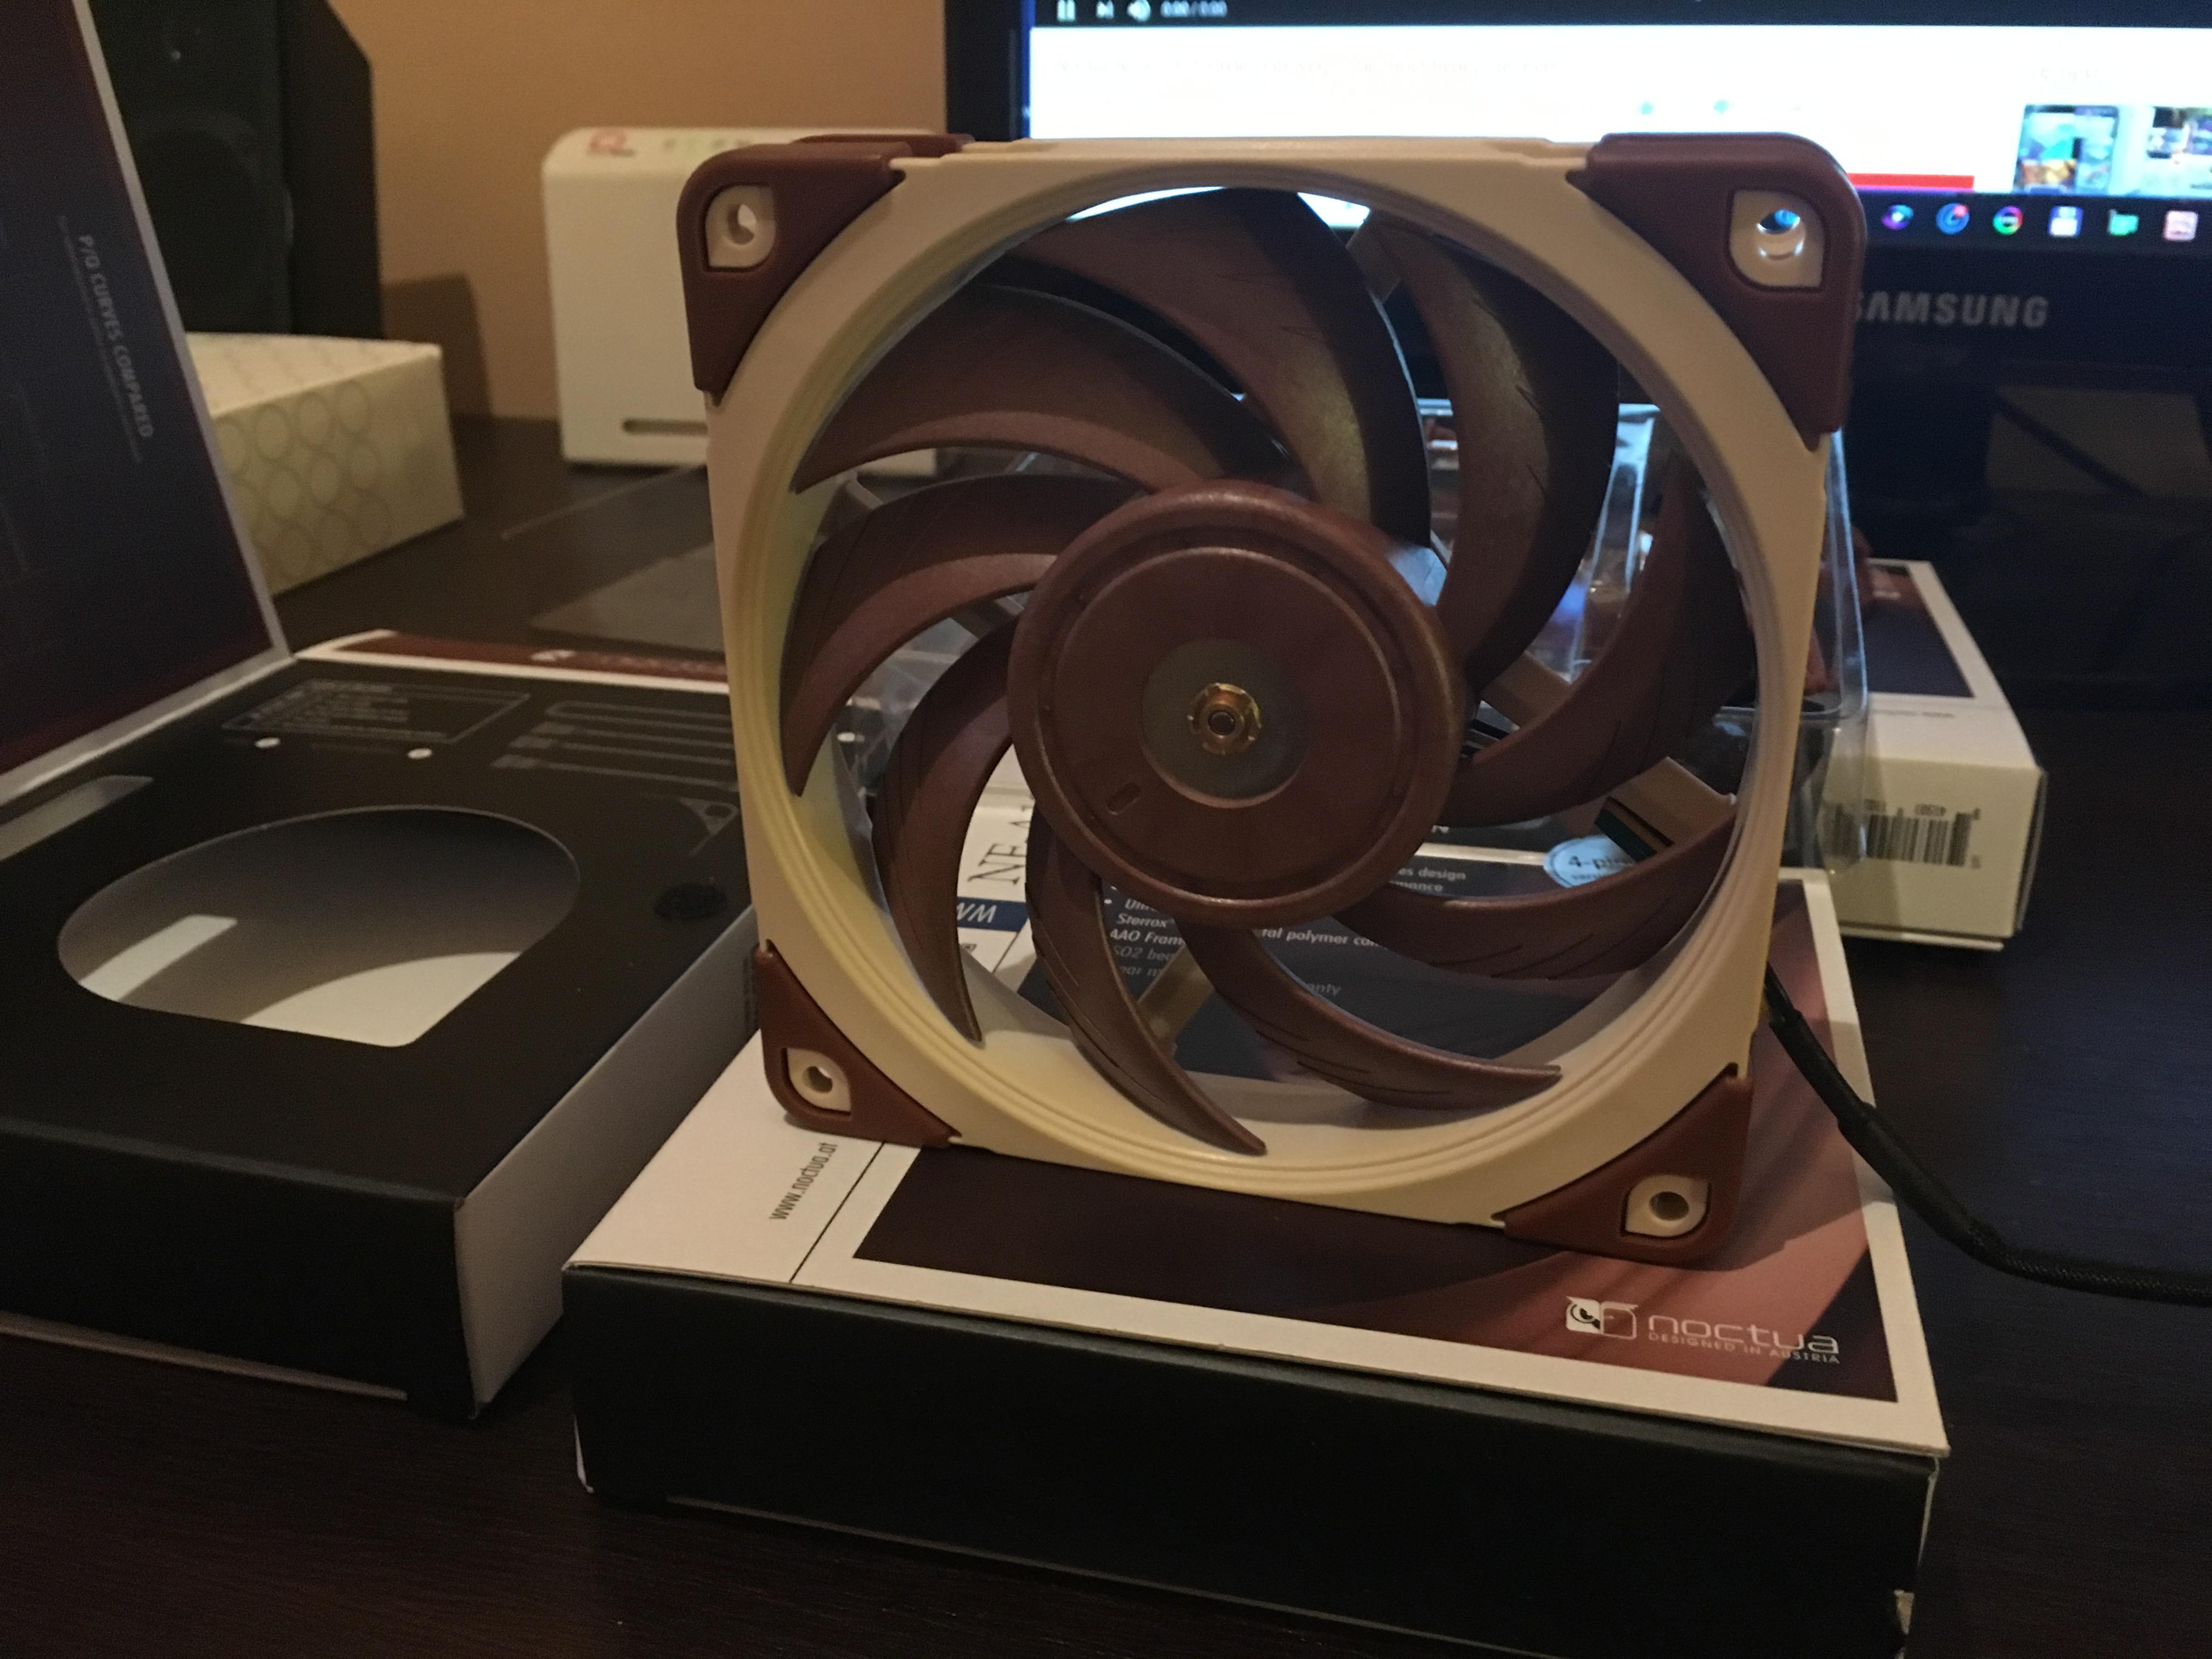 Noctua NF-A12x25 PWM Fan | Page 3 | TechPowerUp Forums